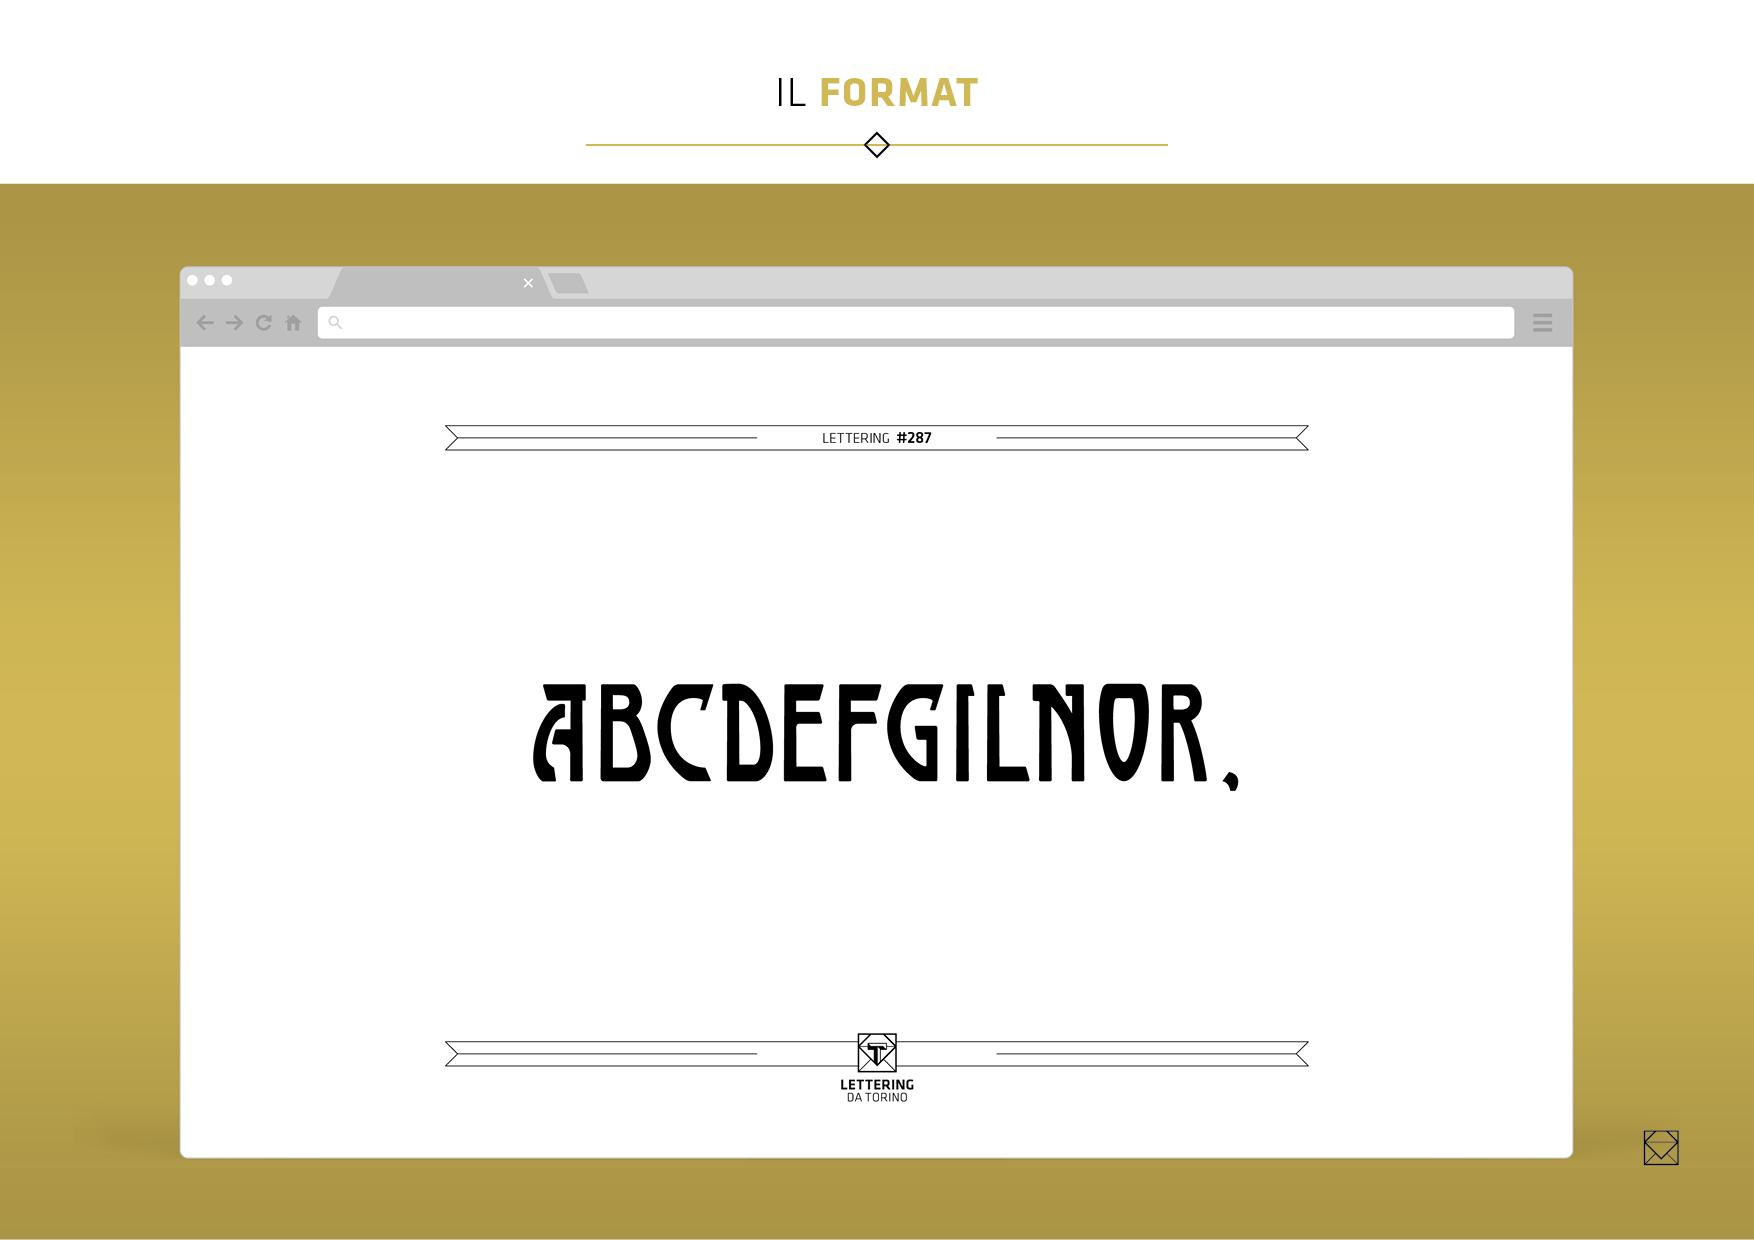 format5.jpg